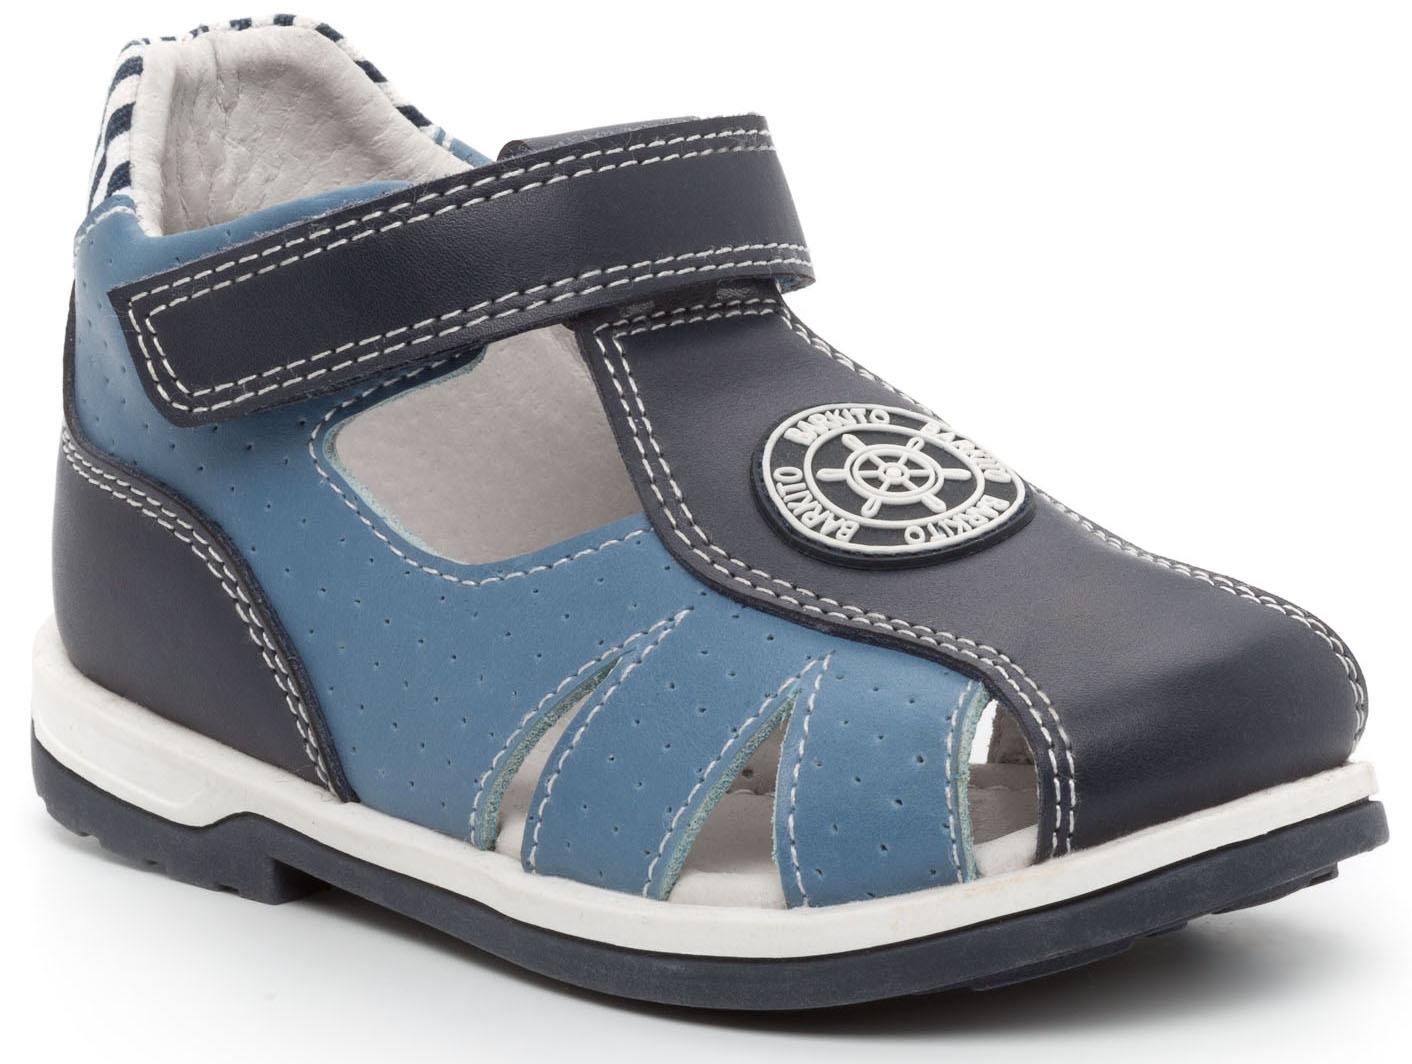 Босоножки Barkito Сандалеты для мальчика Barkito, темно-синие с голубой отделкой elegami elegami сандалии с открытой пяткой темно синие